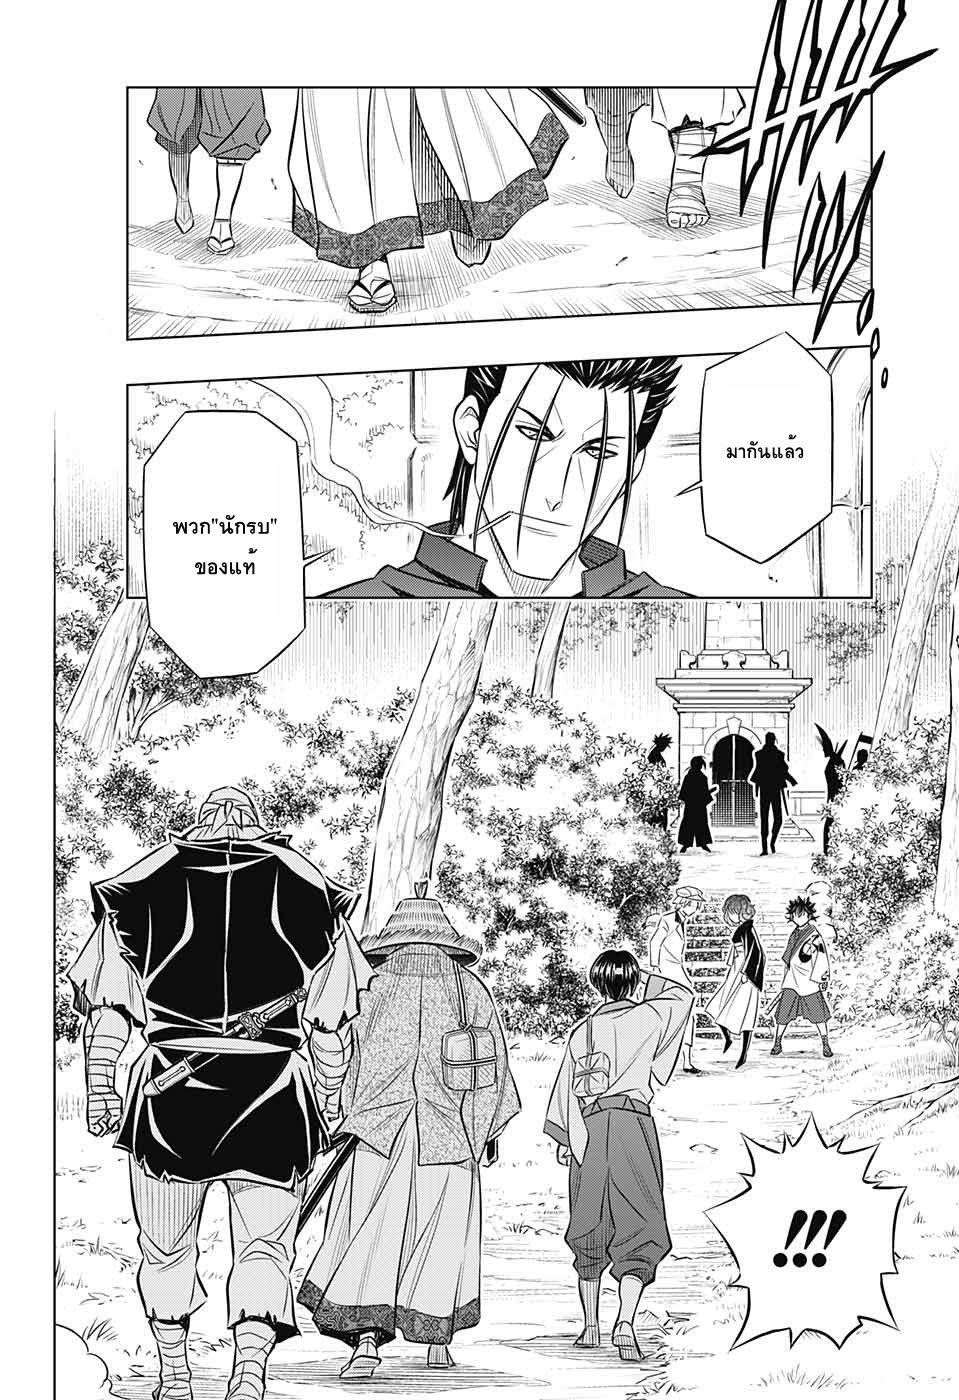 อ่านการ์ตูน Rurouni Kenshin: Hokkaido Arc ตอนที่ 14 หน้าที่ 14